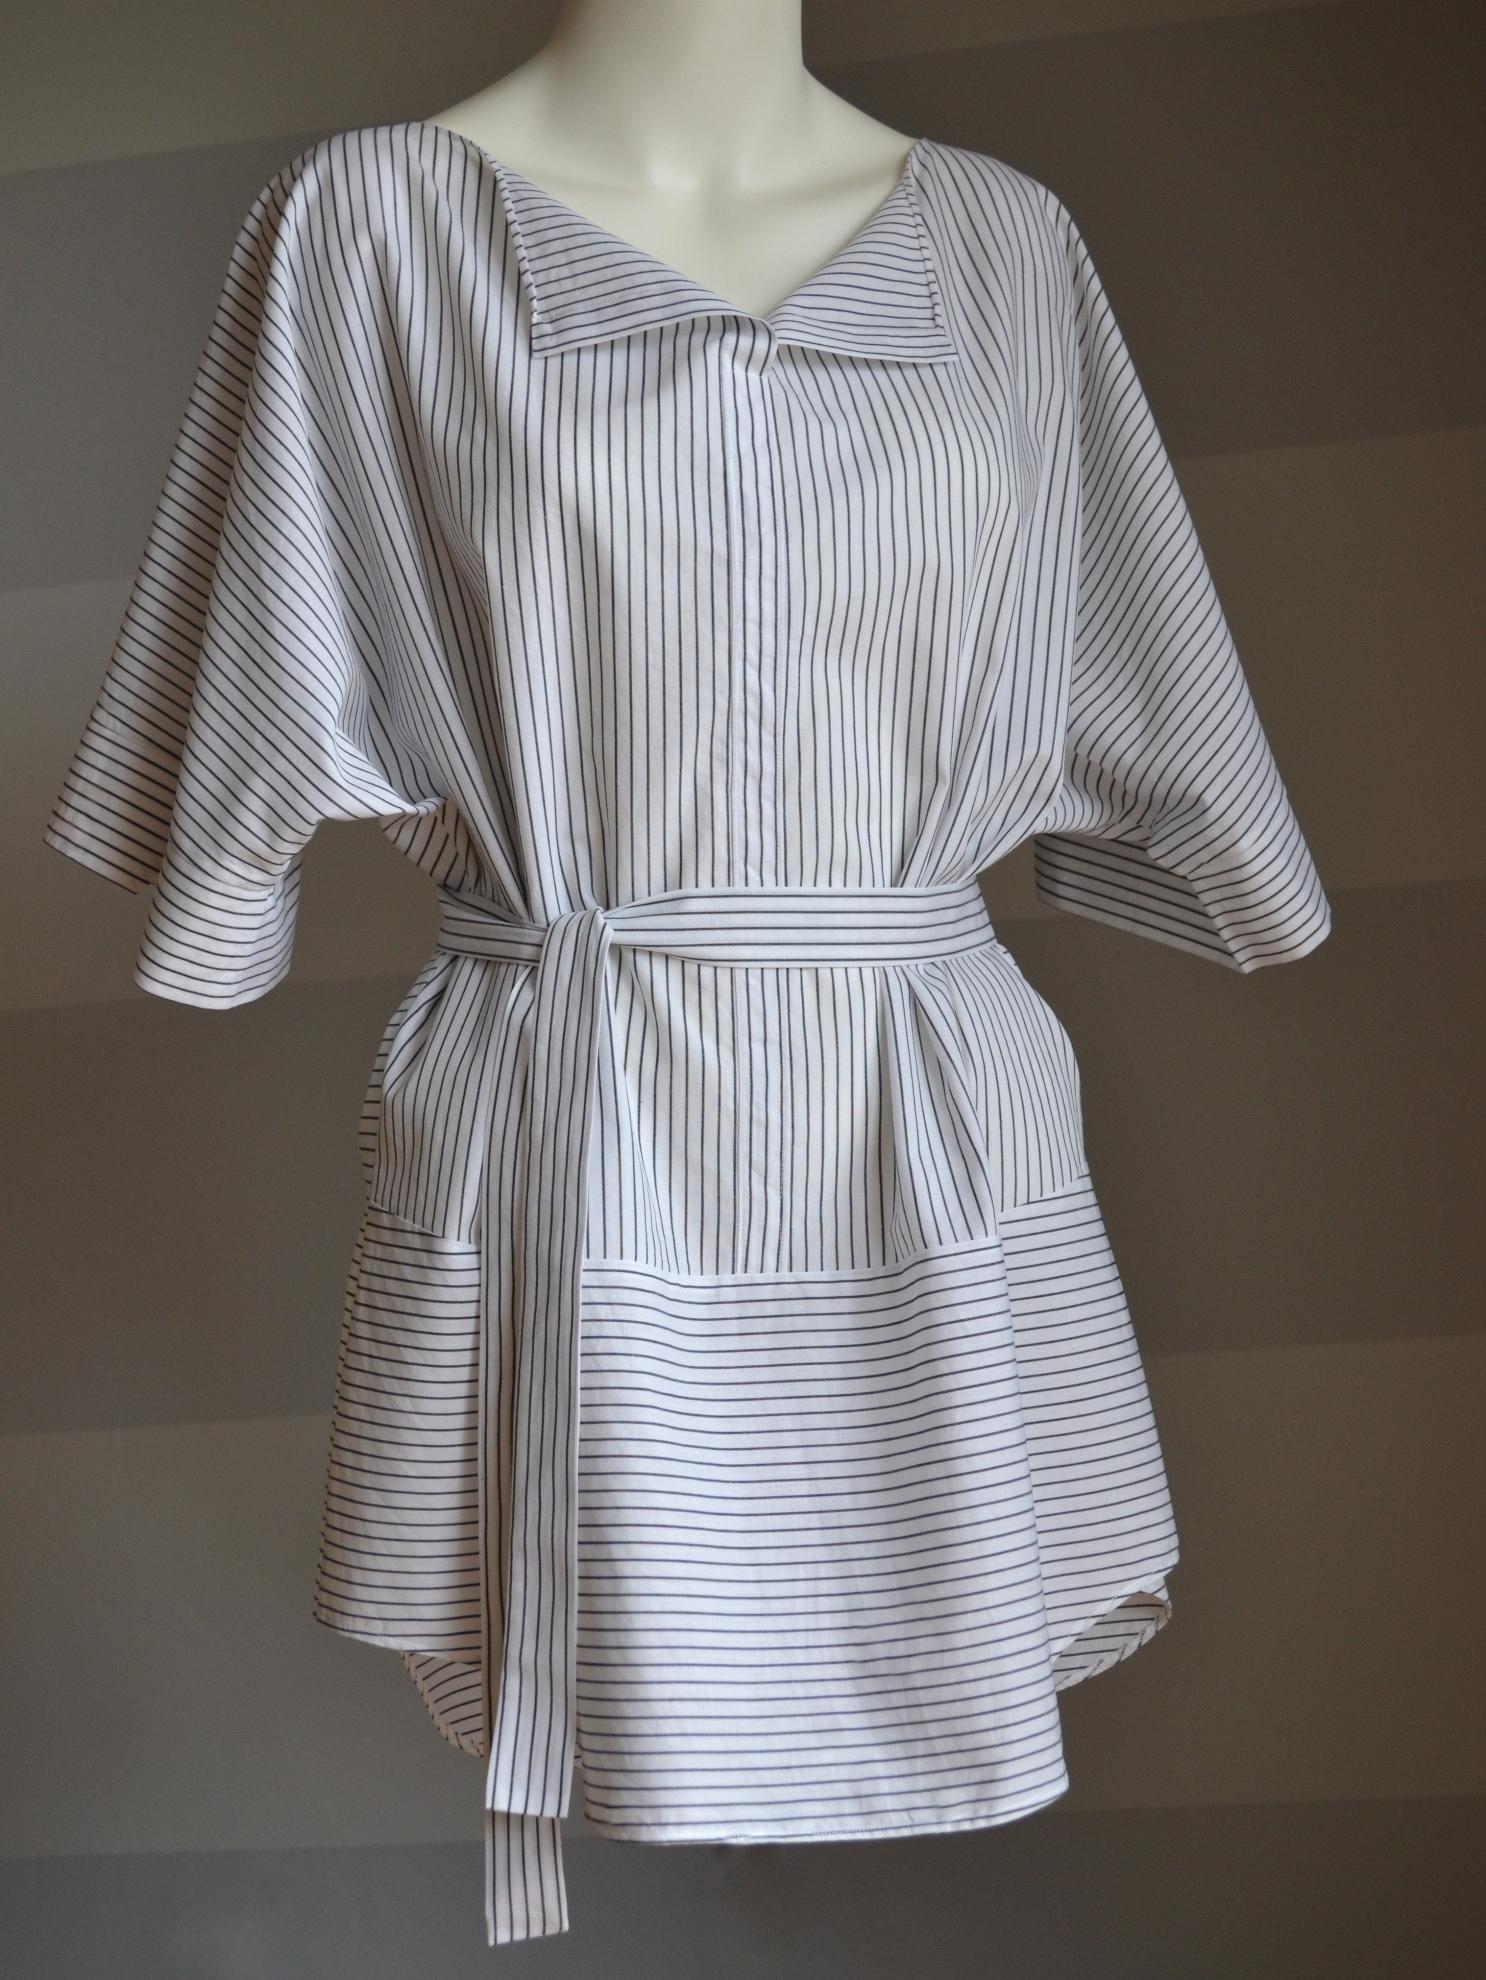 Bílá košile sčerným proužkem